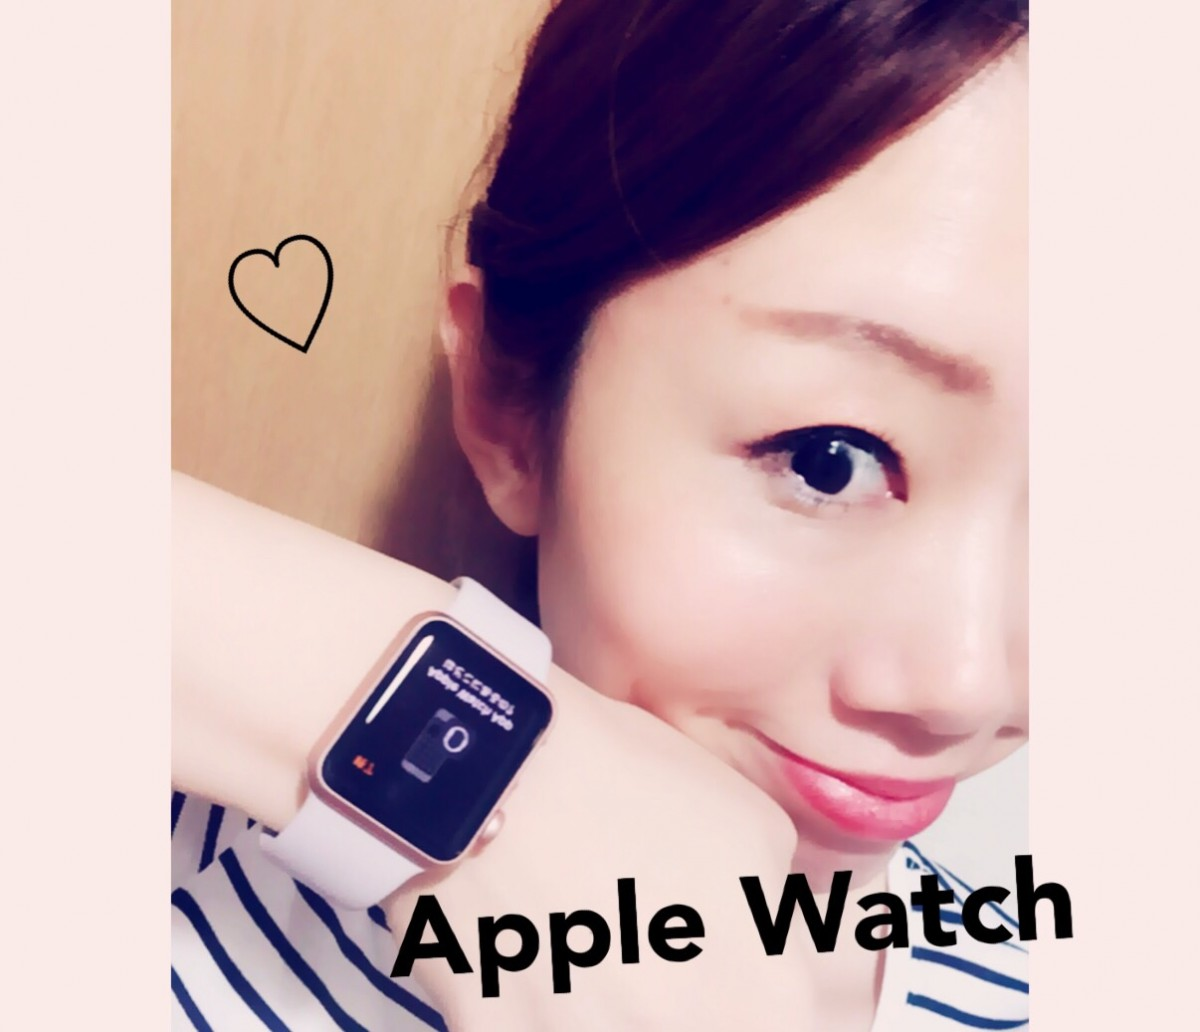 ヘルシー美をget♡Apple Watch生活始めました!